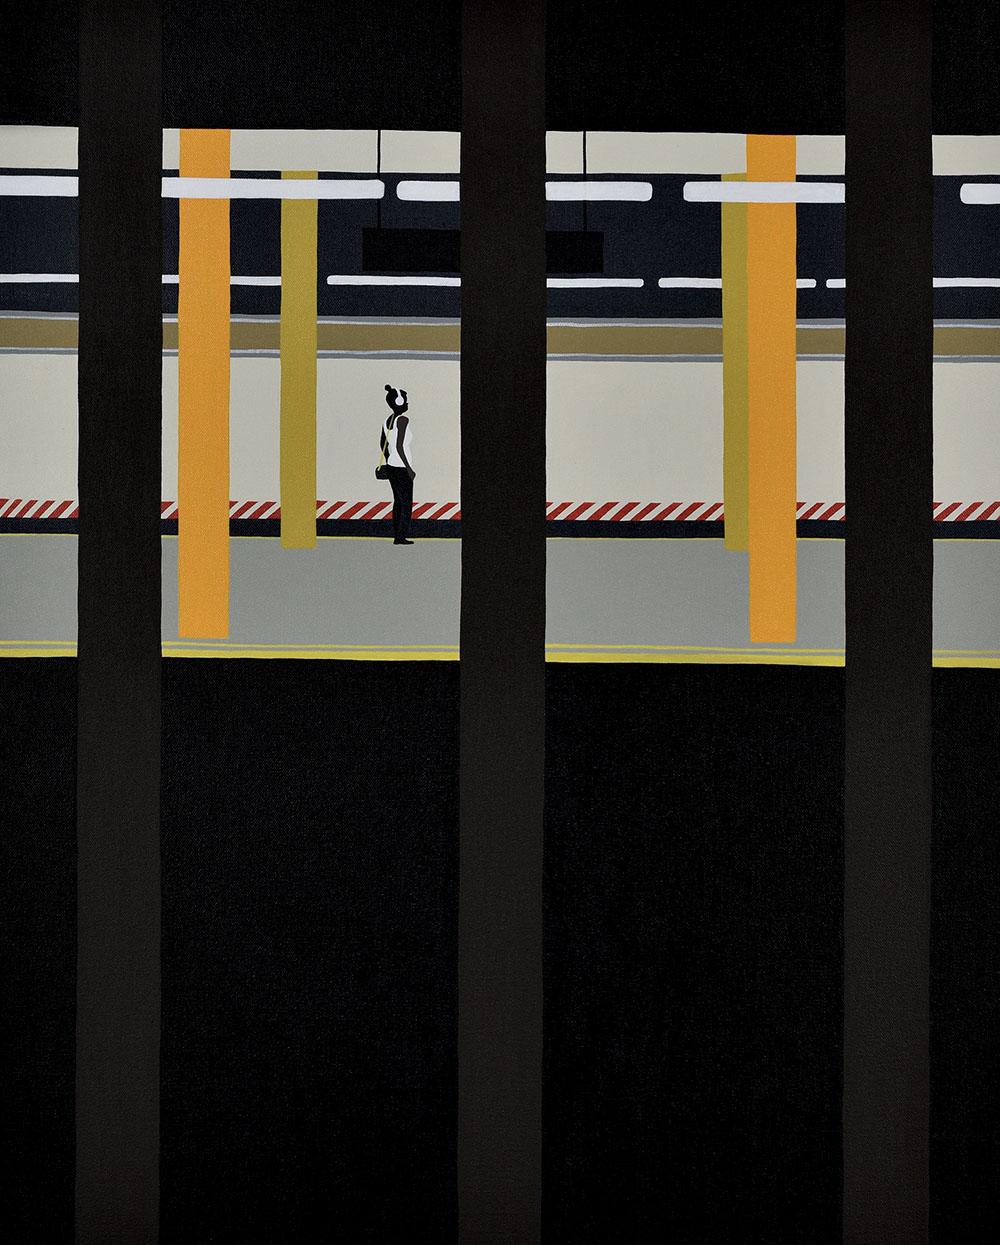 Backs, solitudine e isolamento nei dipinti di Gwen Yip | Collater.al 1